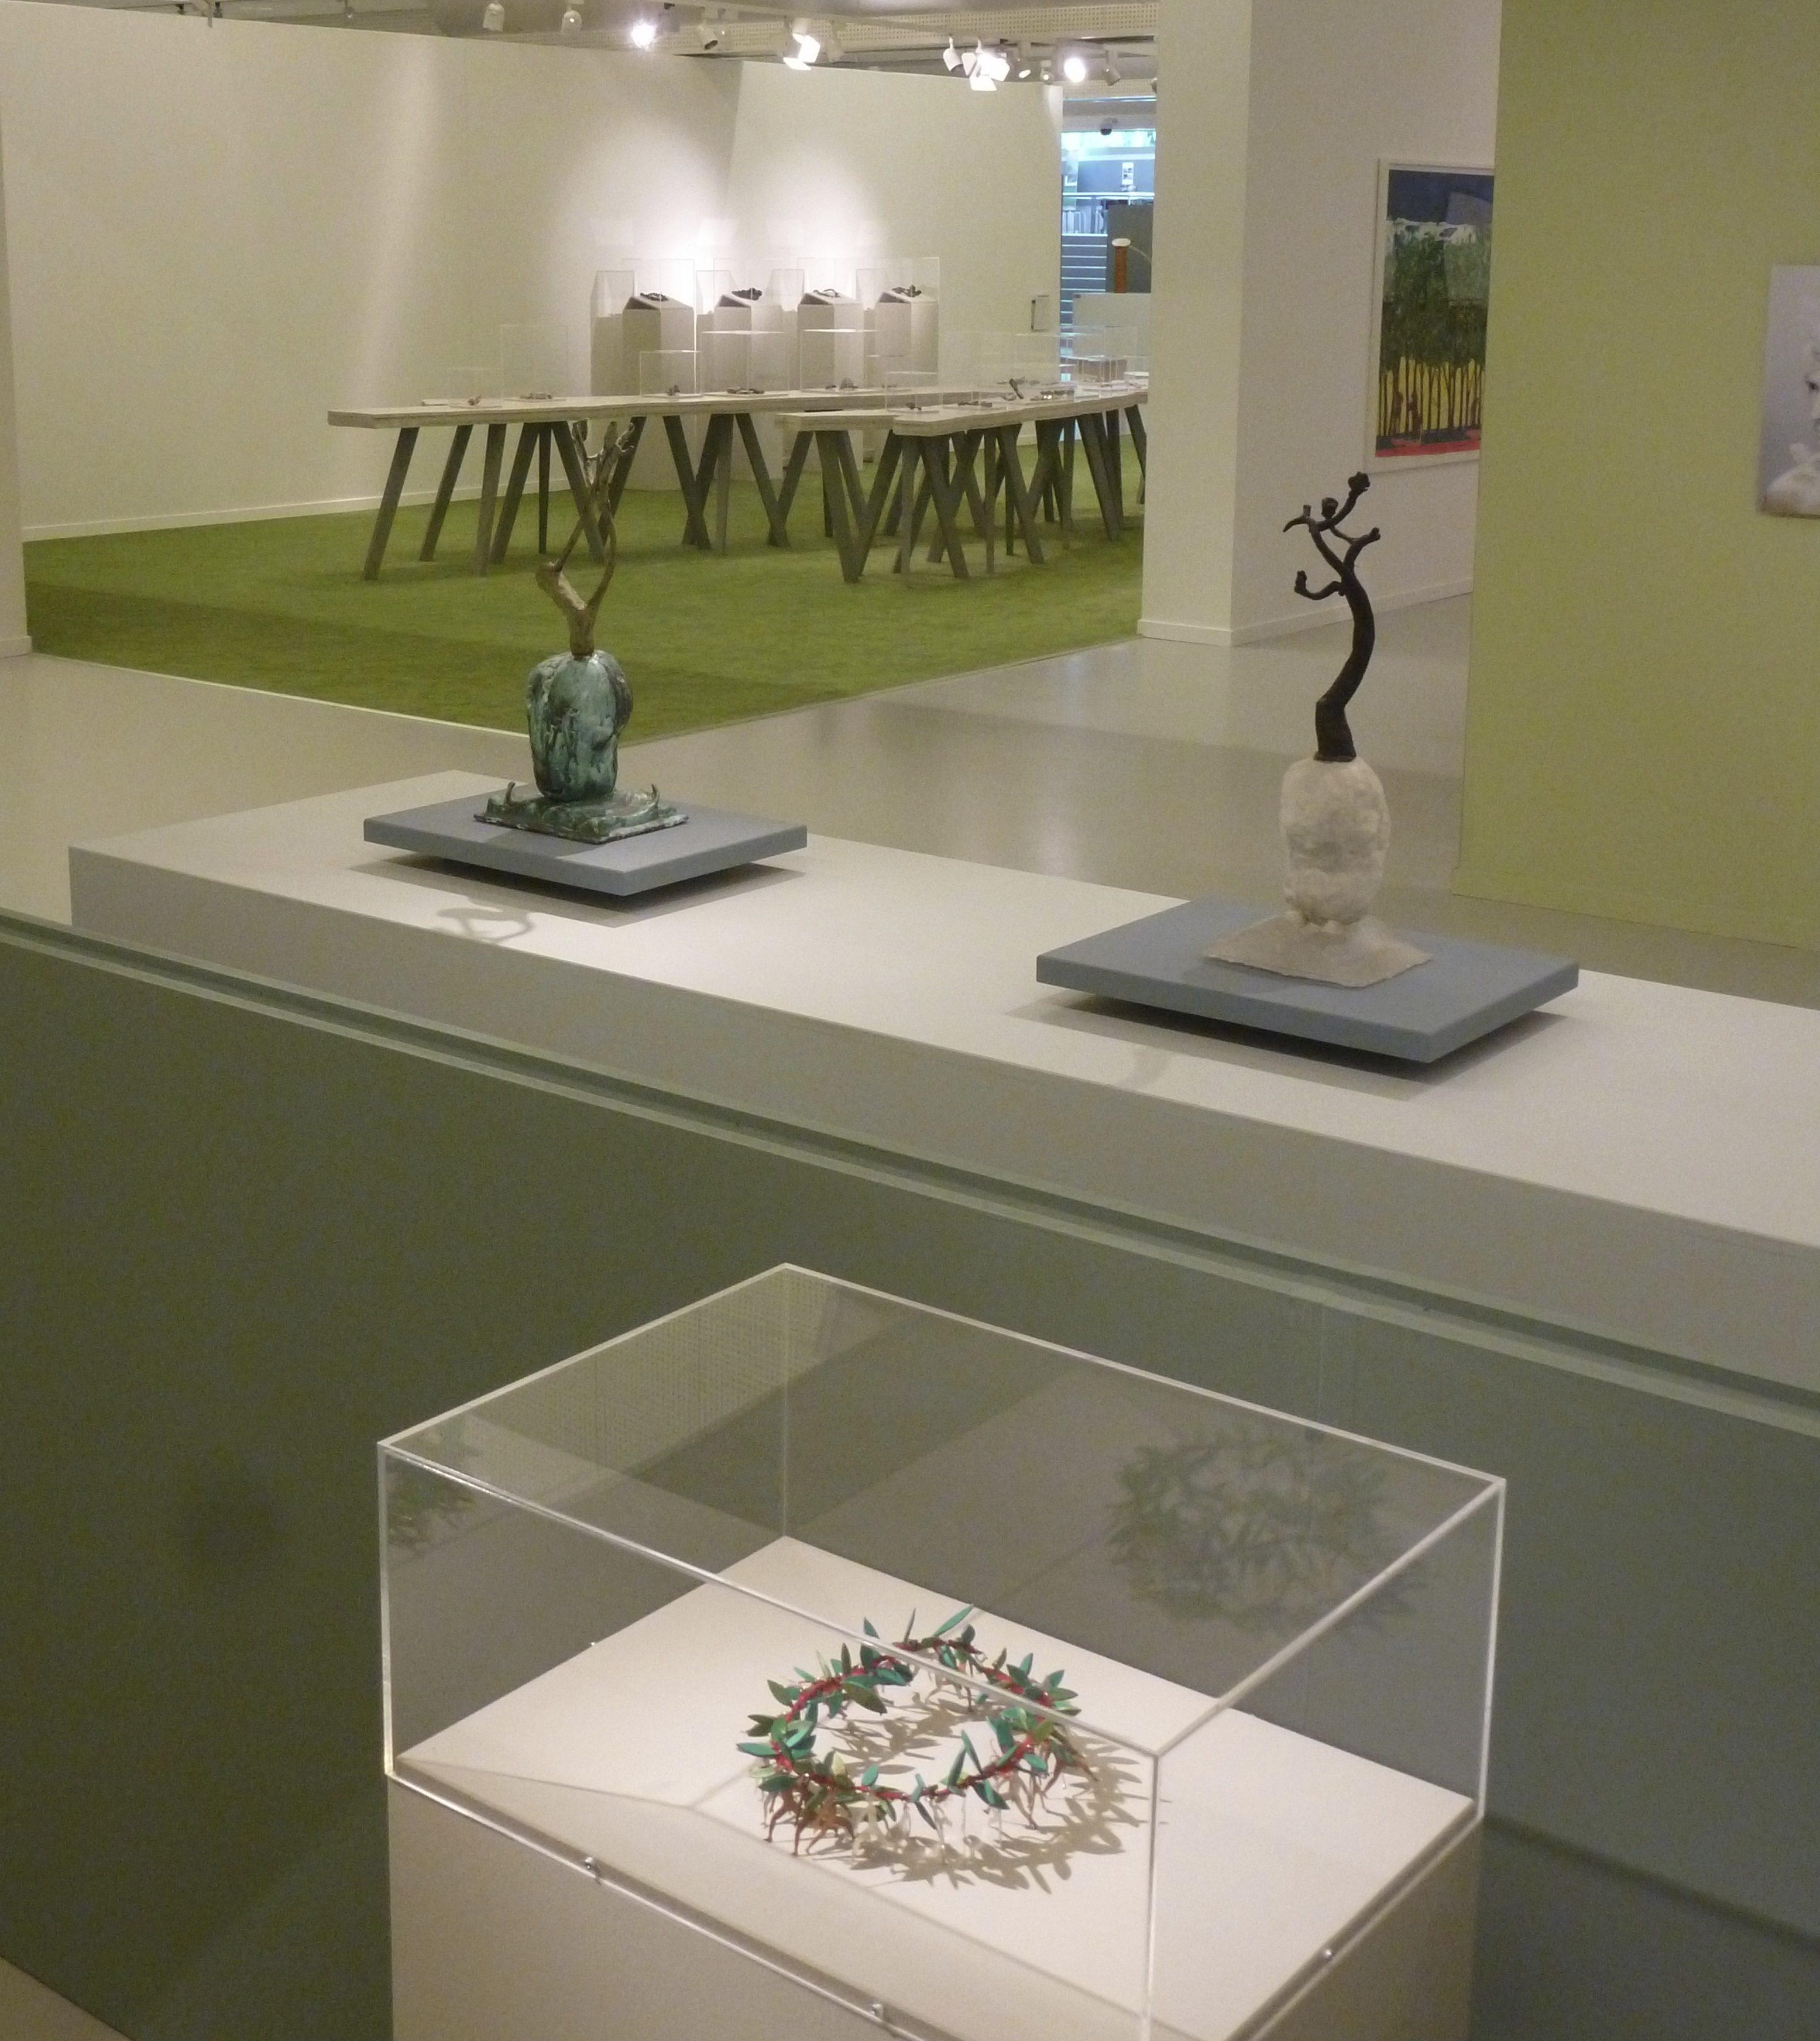 Inrichting Reinventing Nature in CODA door Ward Schrijver, 2014. Foto Ward Schrijver, tentoonstelling